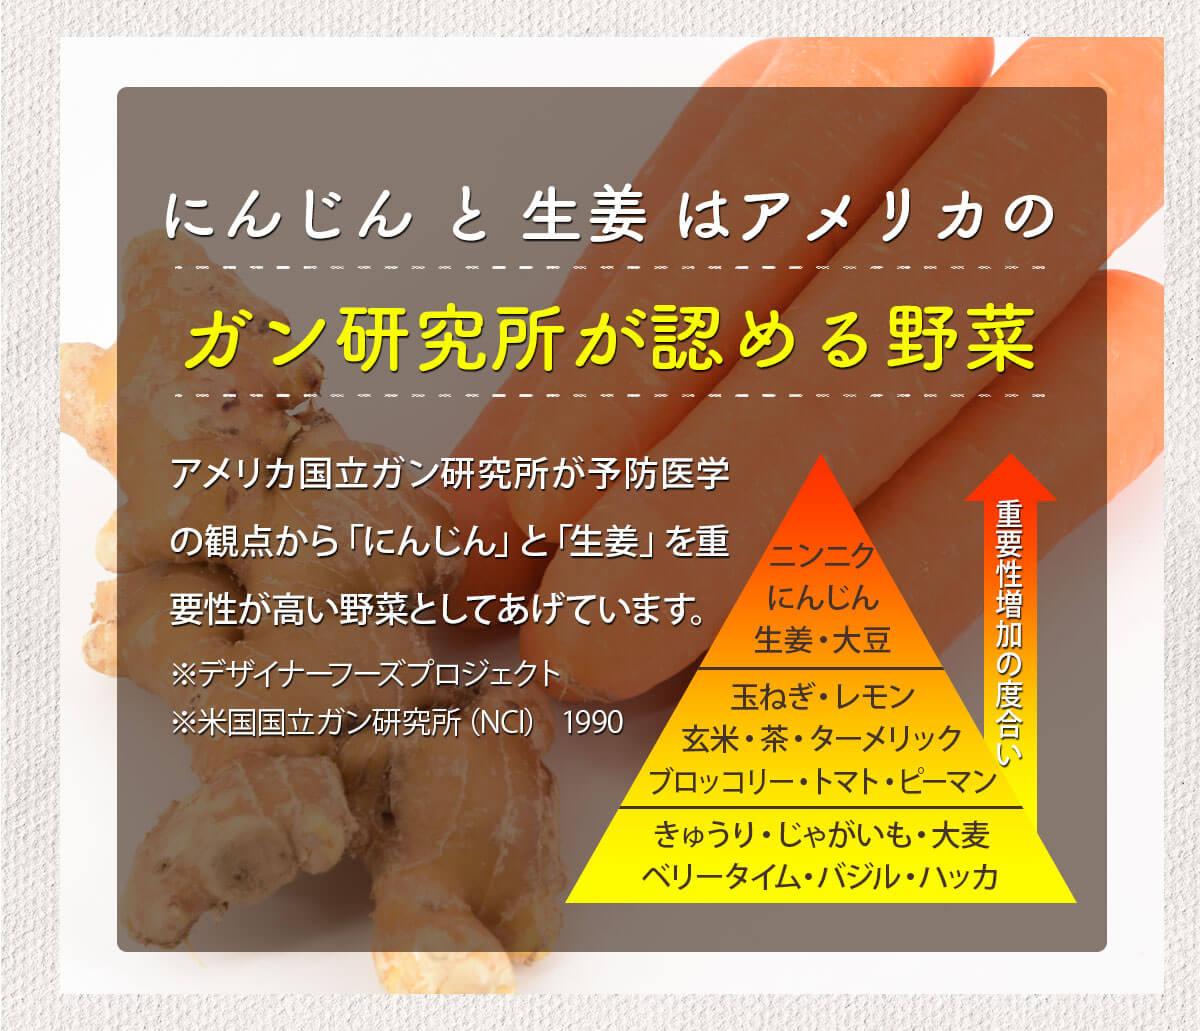 にんじんと生姜はアメリカのガン研究所が認める野菜 デザイナーフーズプロジェクト